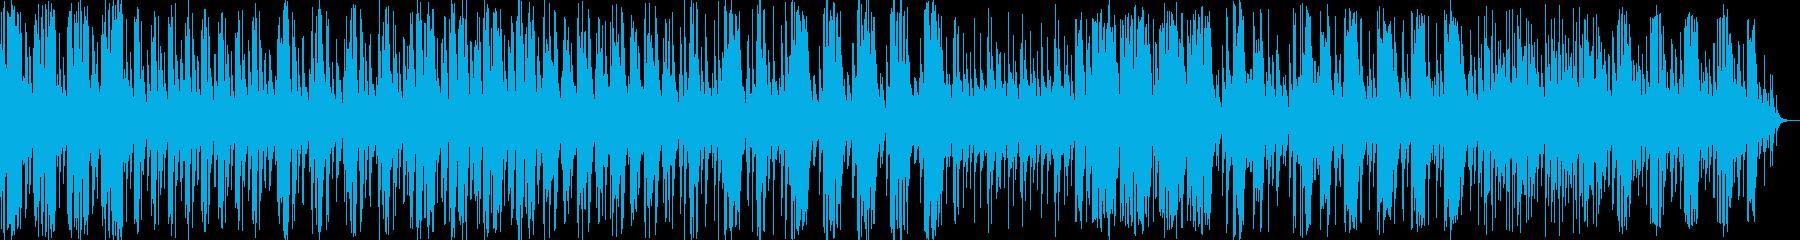 和風料理店に合うような琴の曲3の再生済みの波形